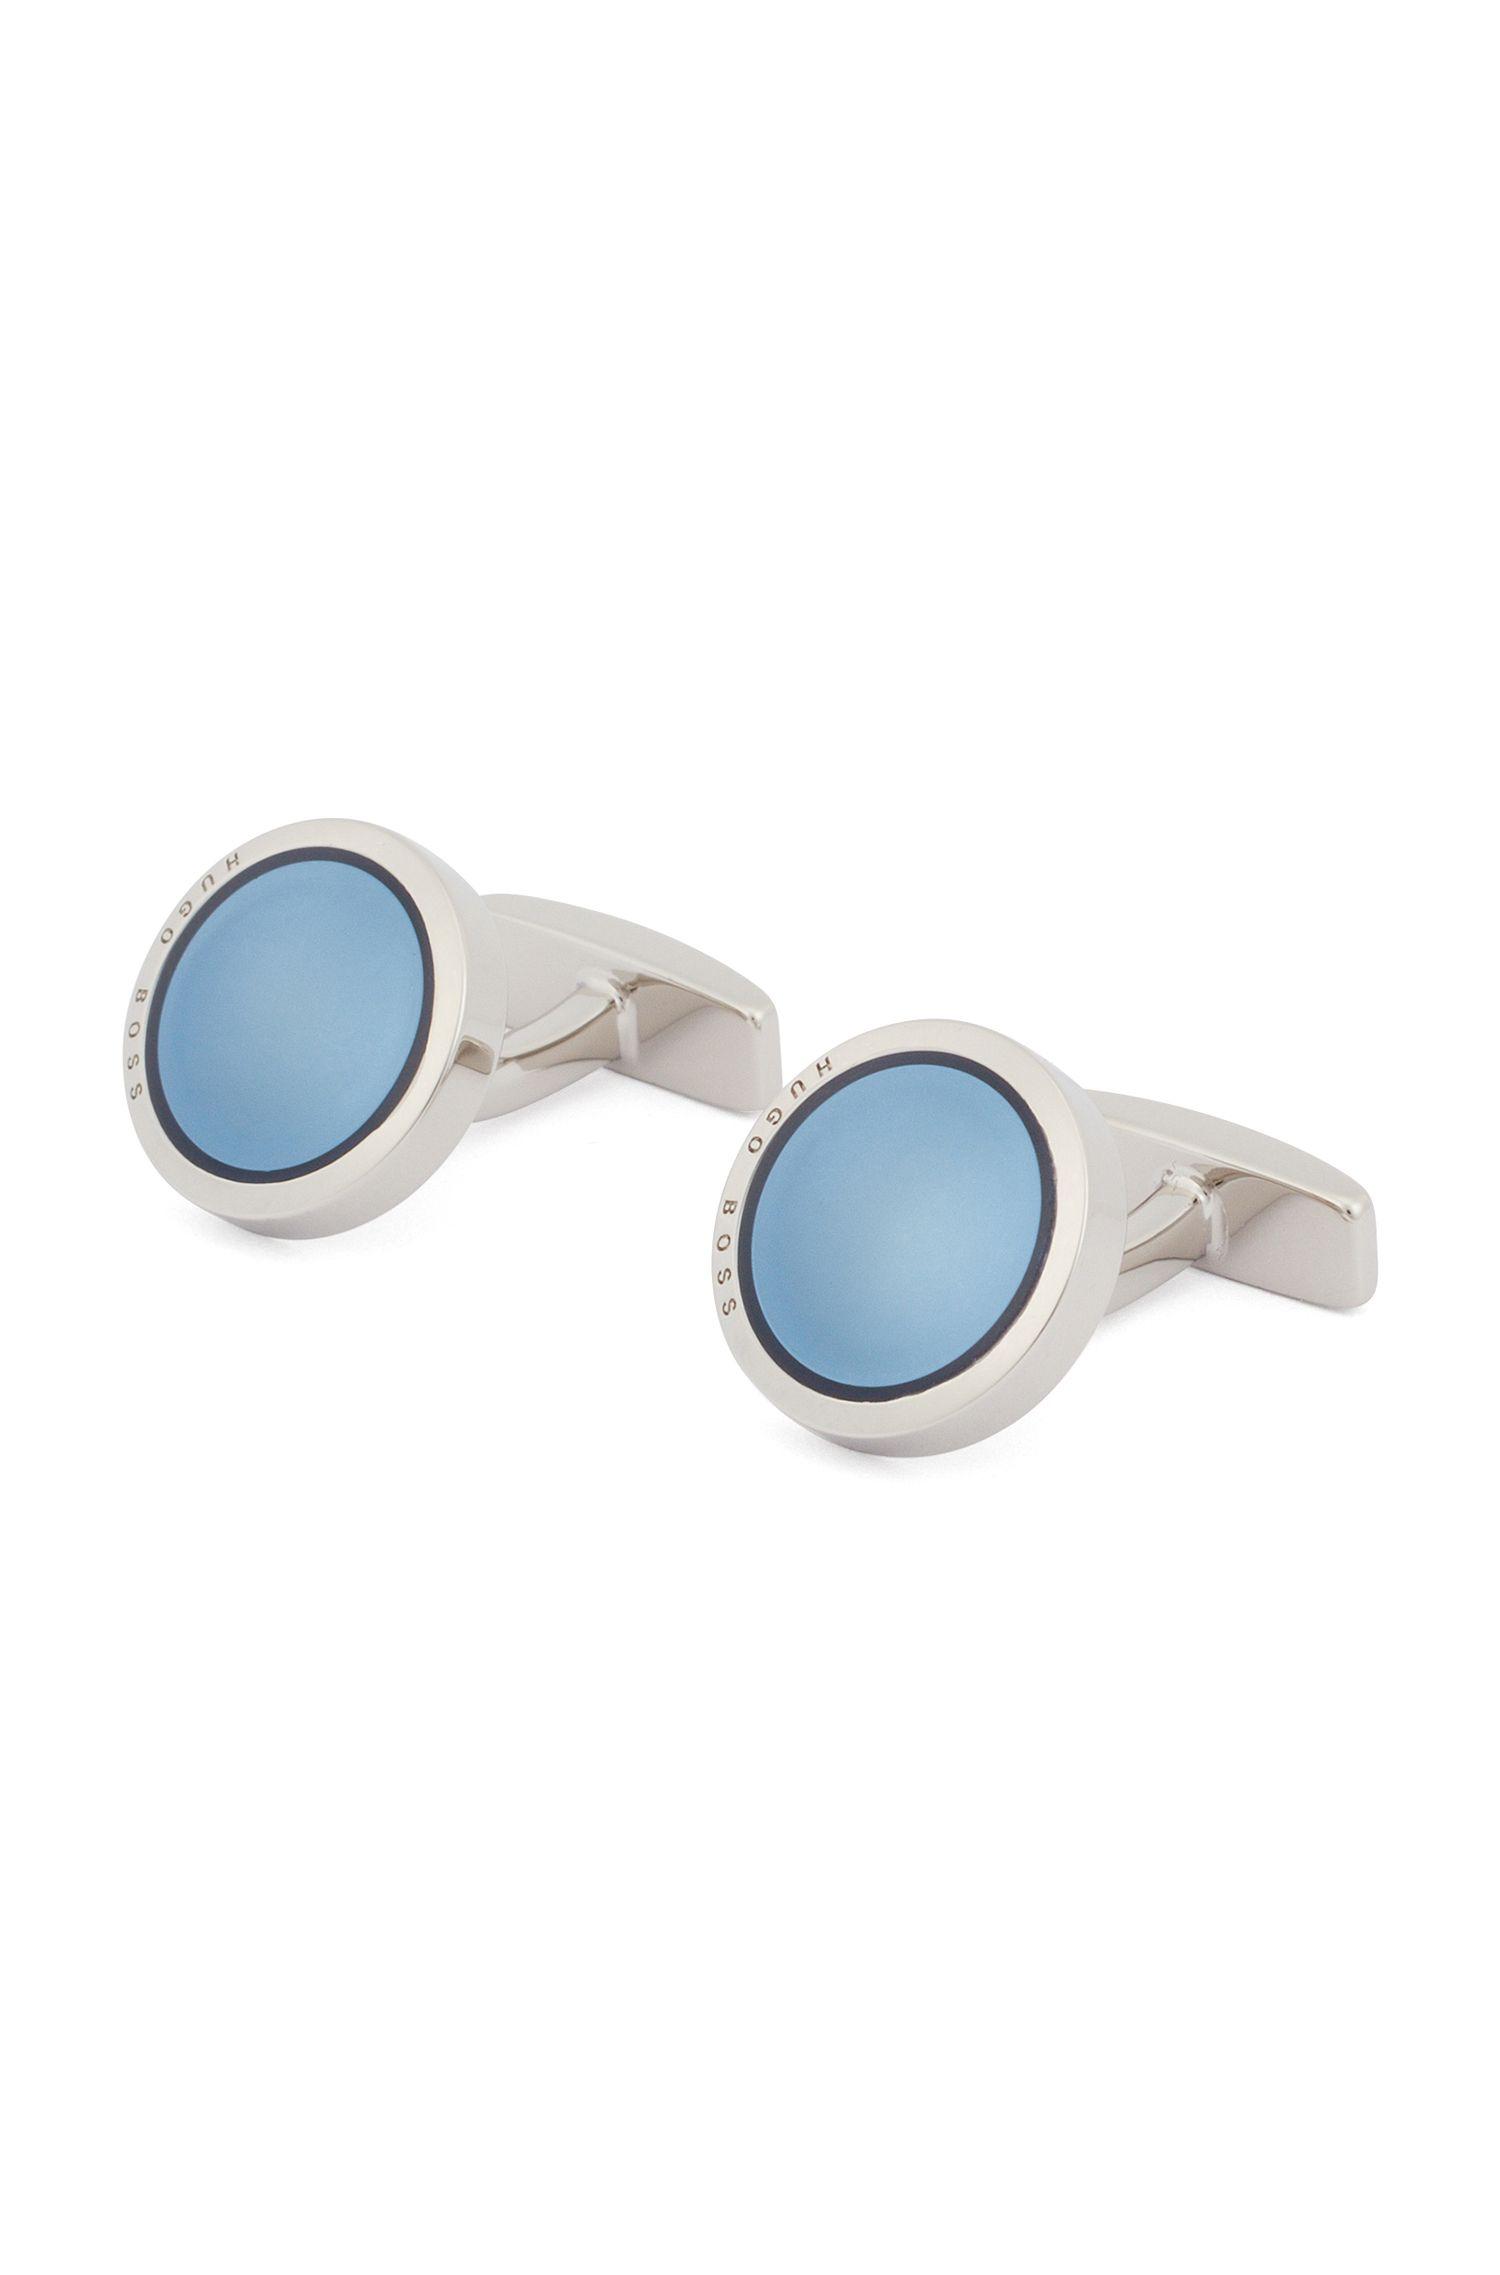 Runde Manschettenknöpfe aus handpoliertem Messing mit Emaille-Einsatz, Blau